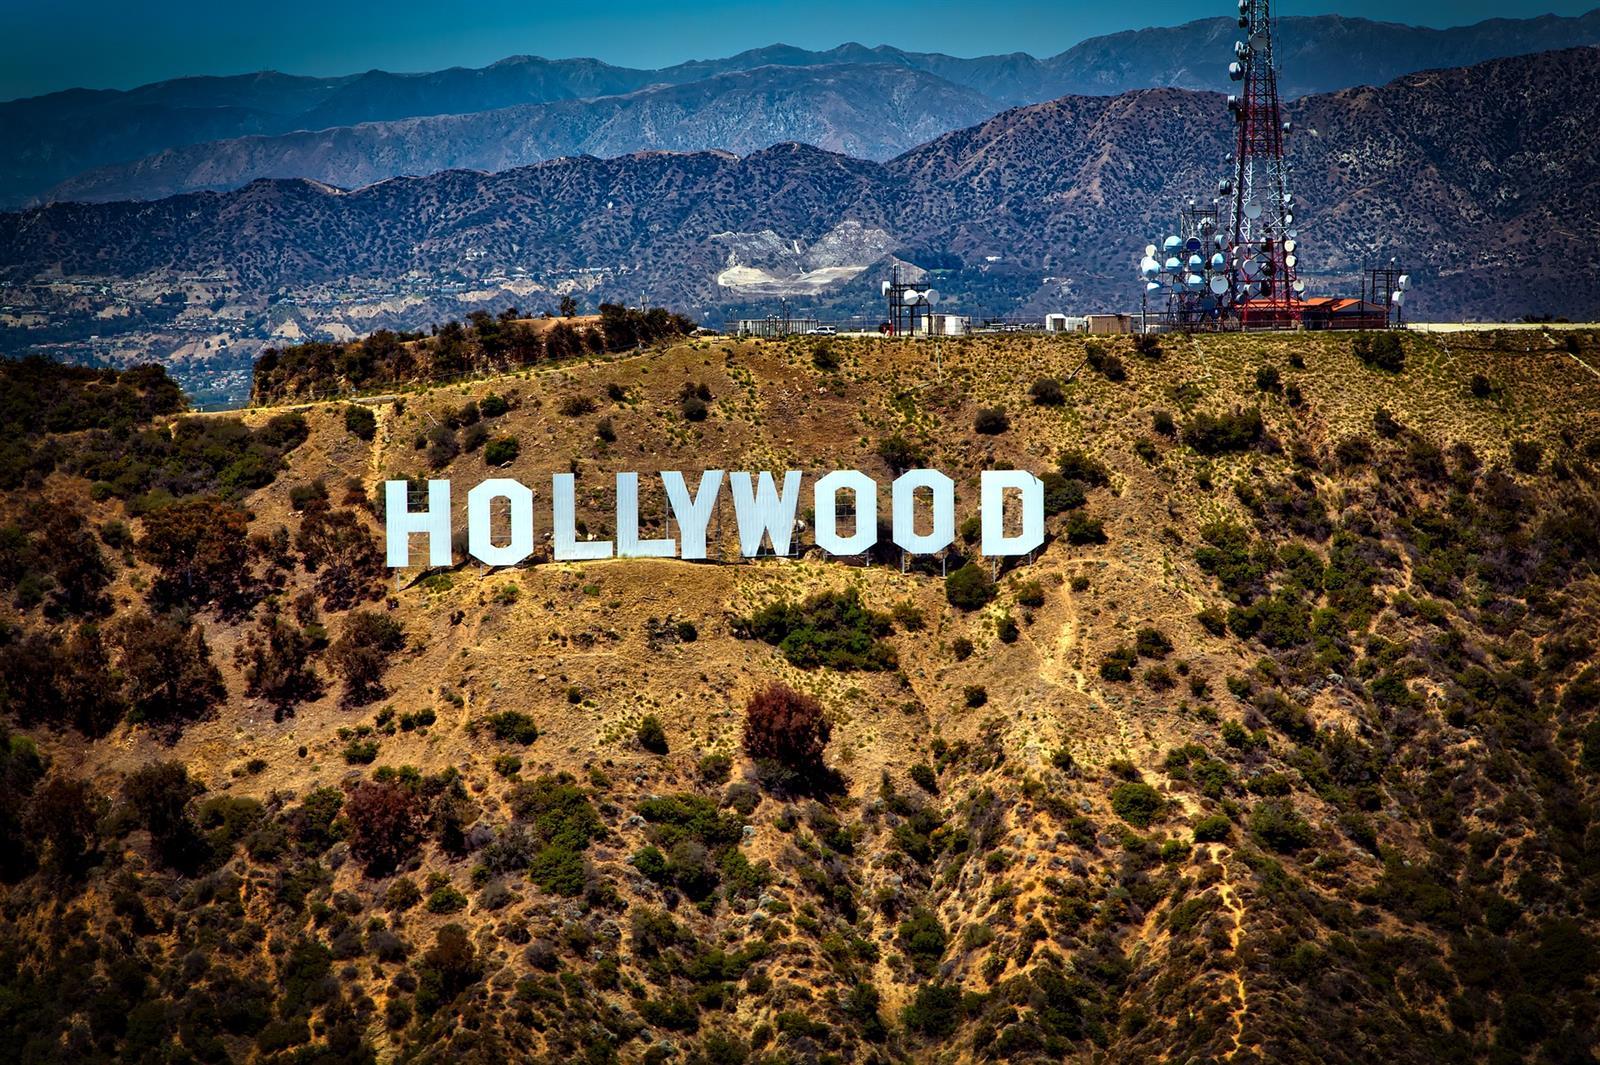 ברוכים הבאים להוליווד, לוס אנג'לס. בטיול של דיסקוברי טיול עולמי נבקר גם באולפני אוניברסל